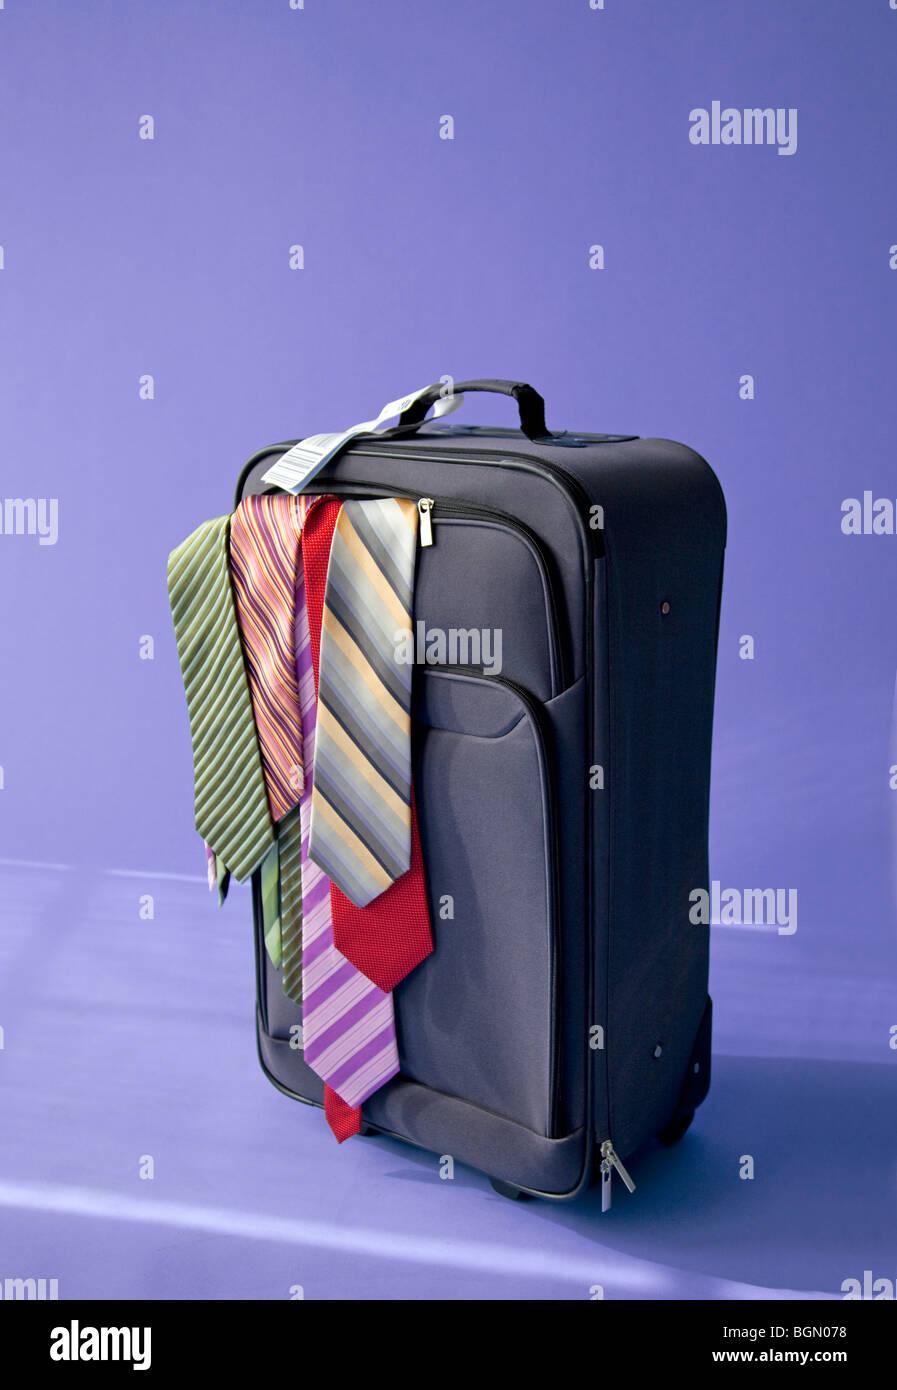 Maleta de embalaje para viajes con hombres lazos sobresalen Imagen De Stock